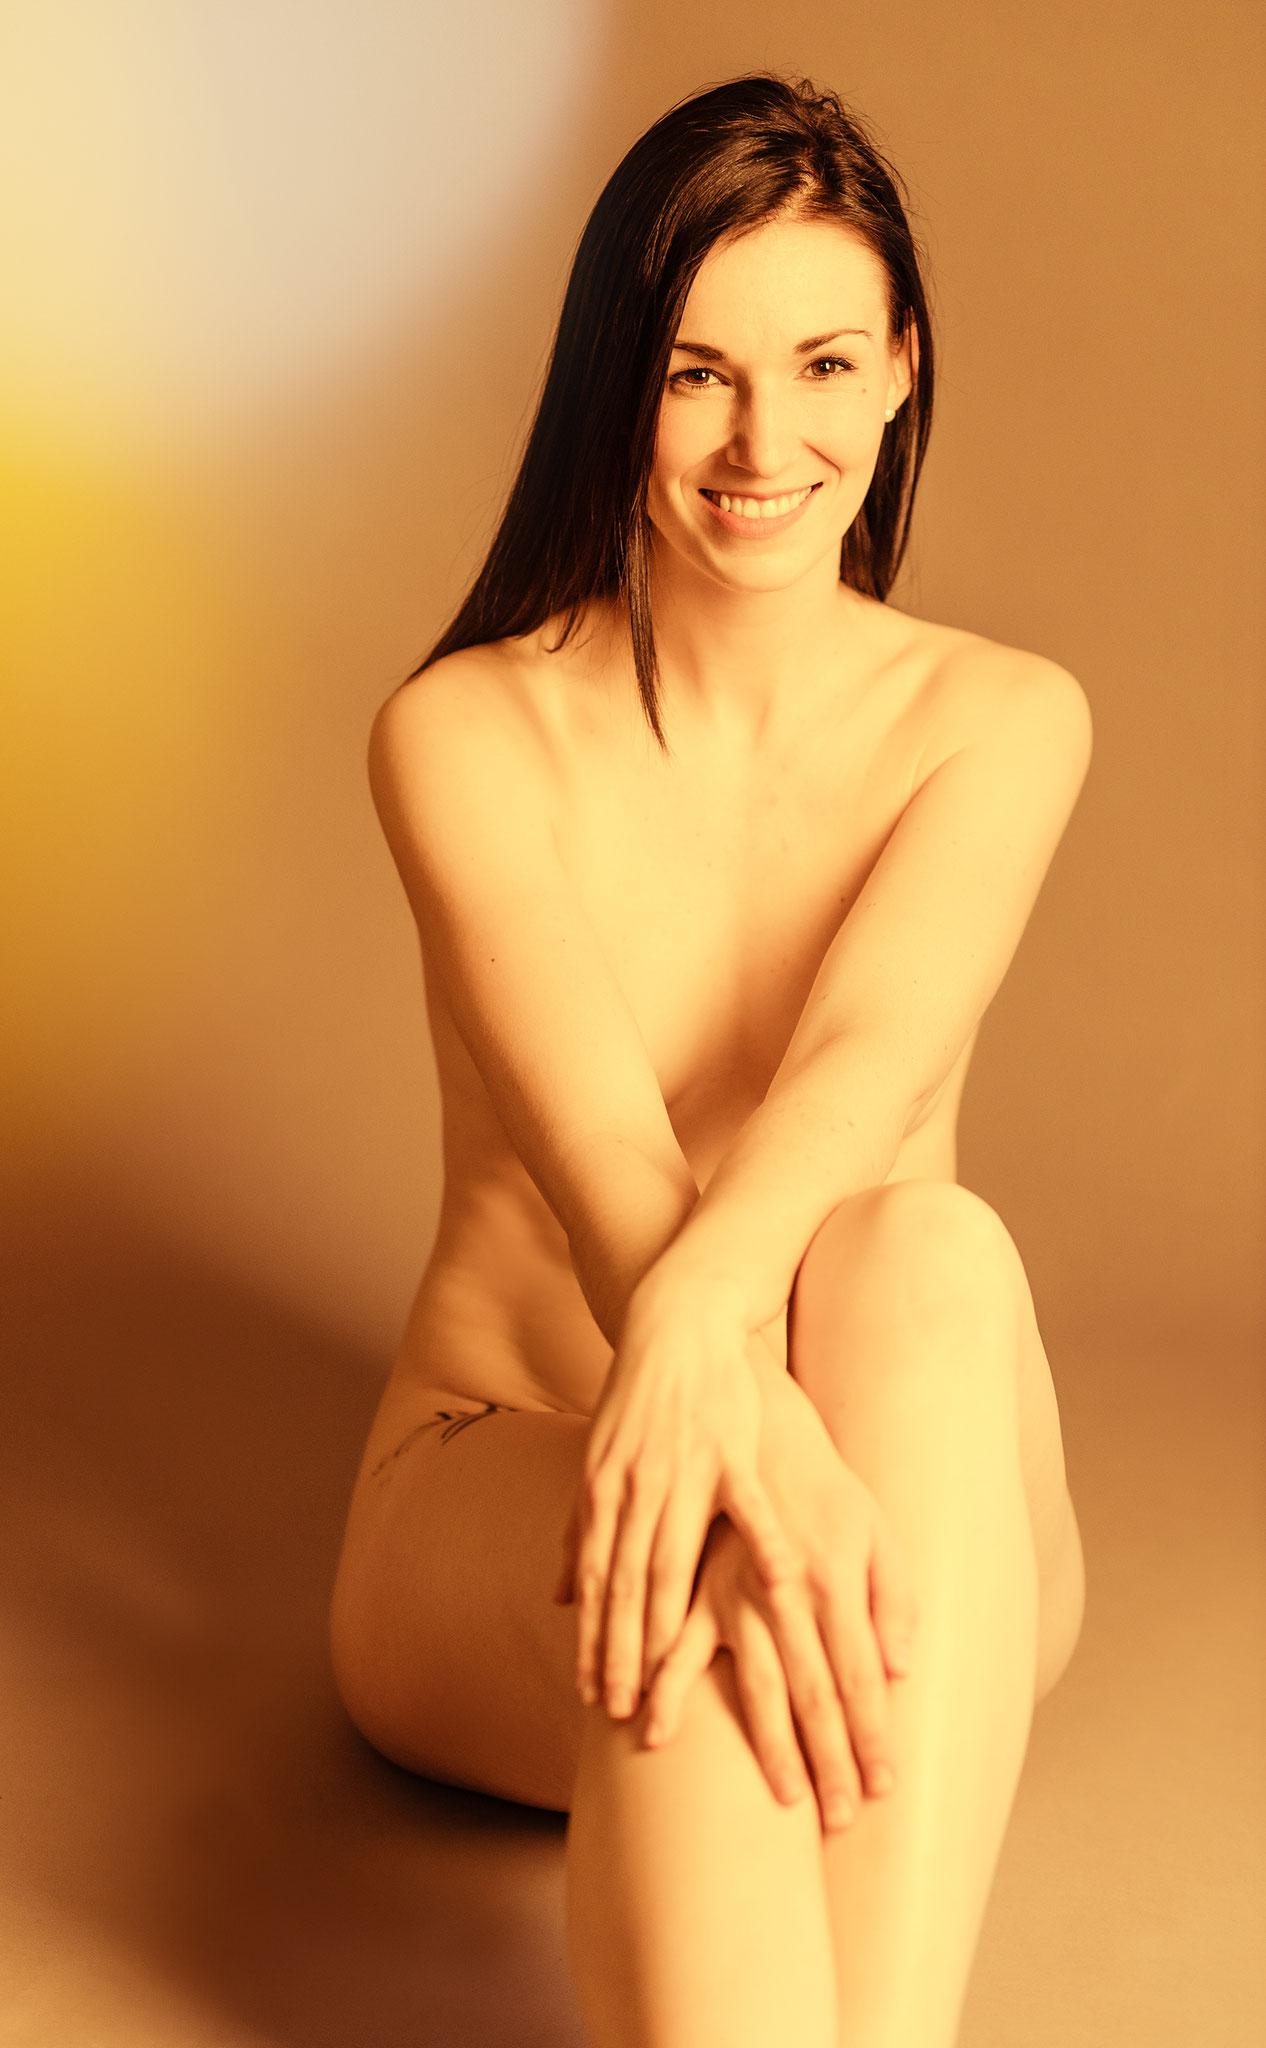 Nackte Schönheit bei erotischen Aktshooting im Fotostudio Erlangen - Nico Tavalai Fotokunst